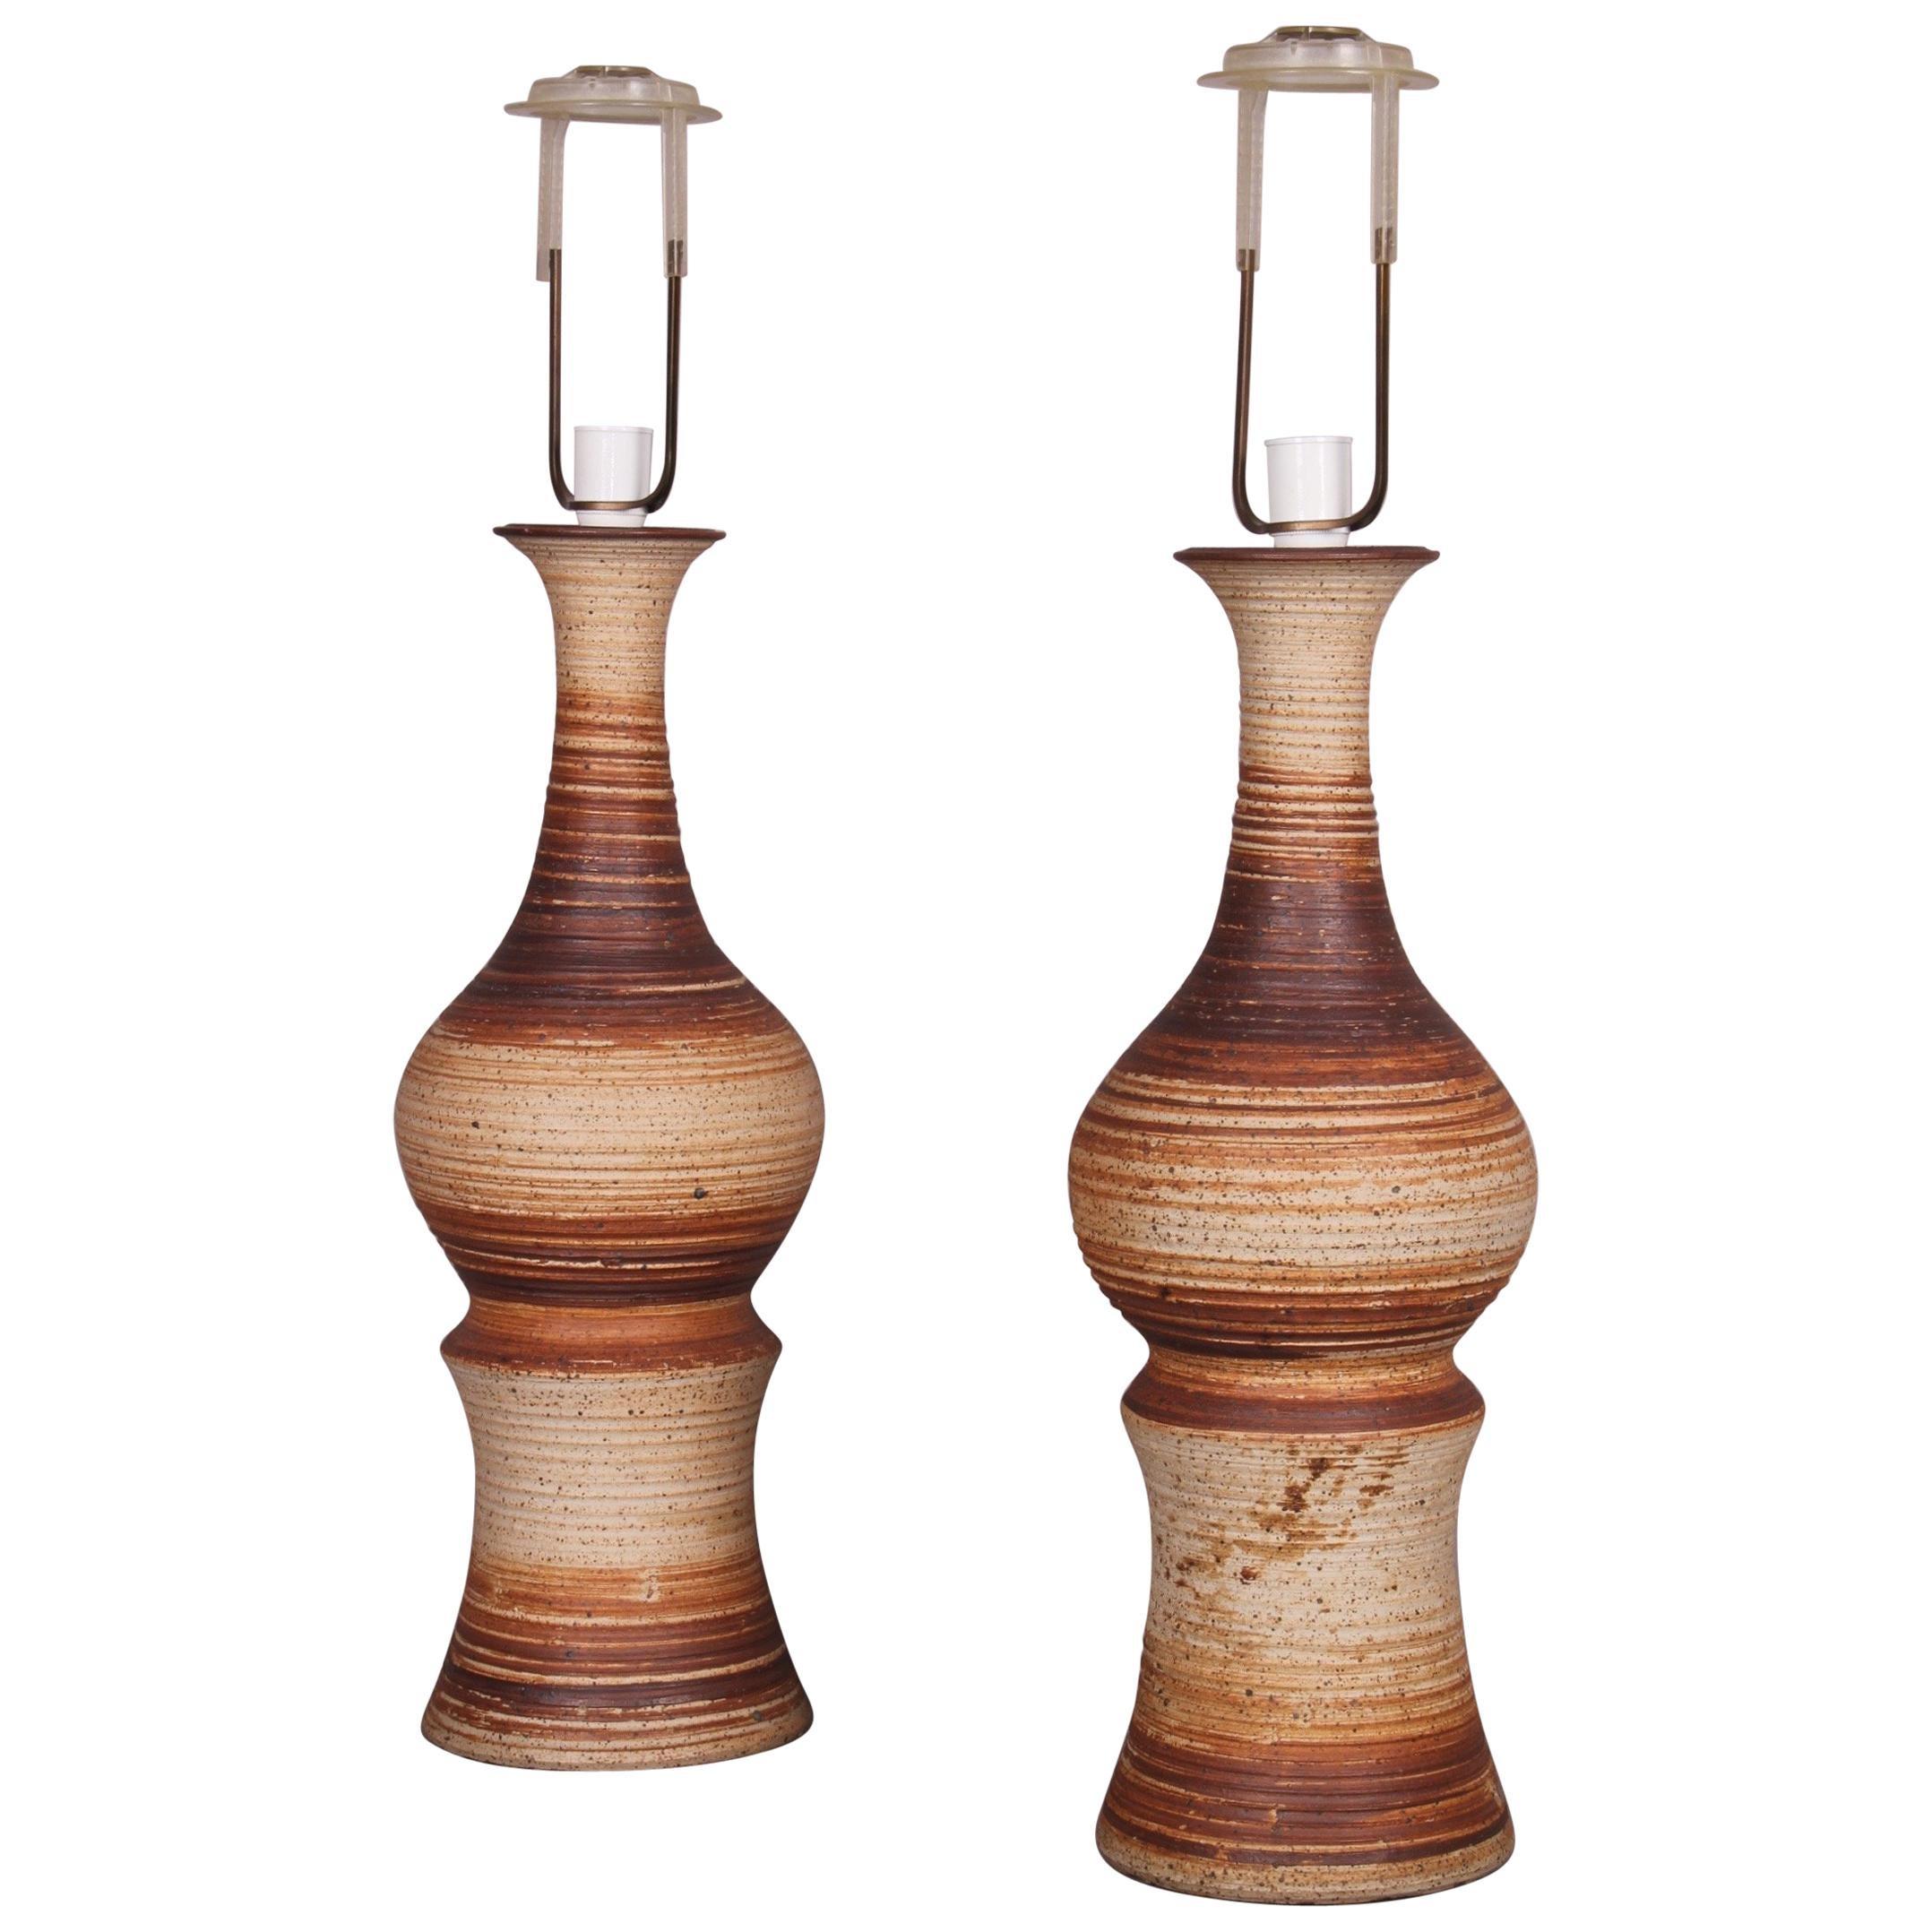 Pair of Ceramic Table Lamp